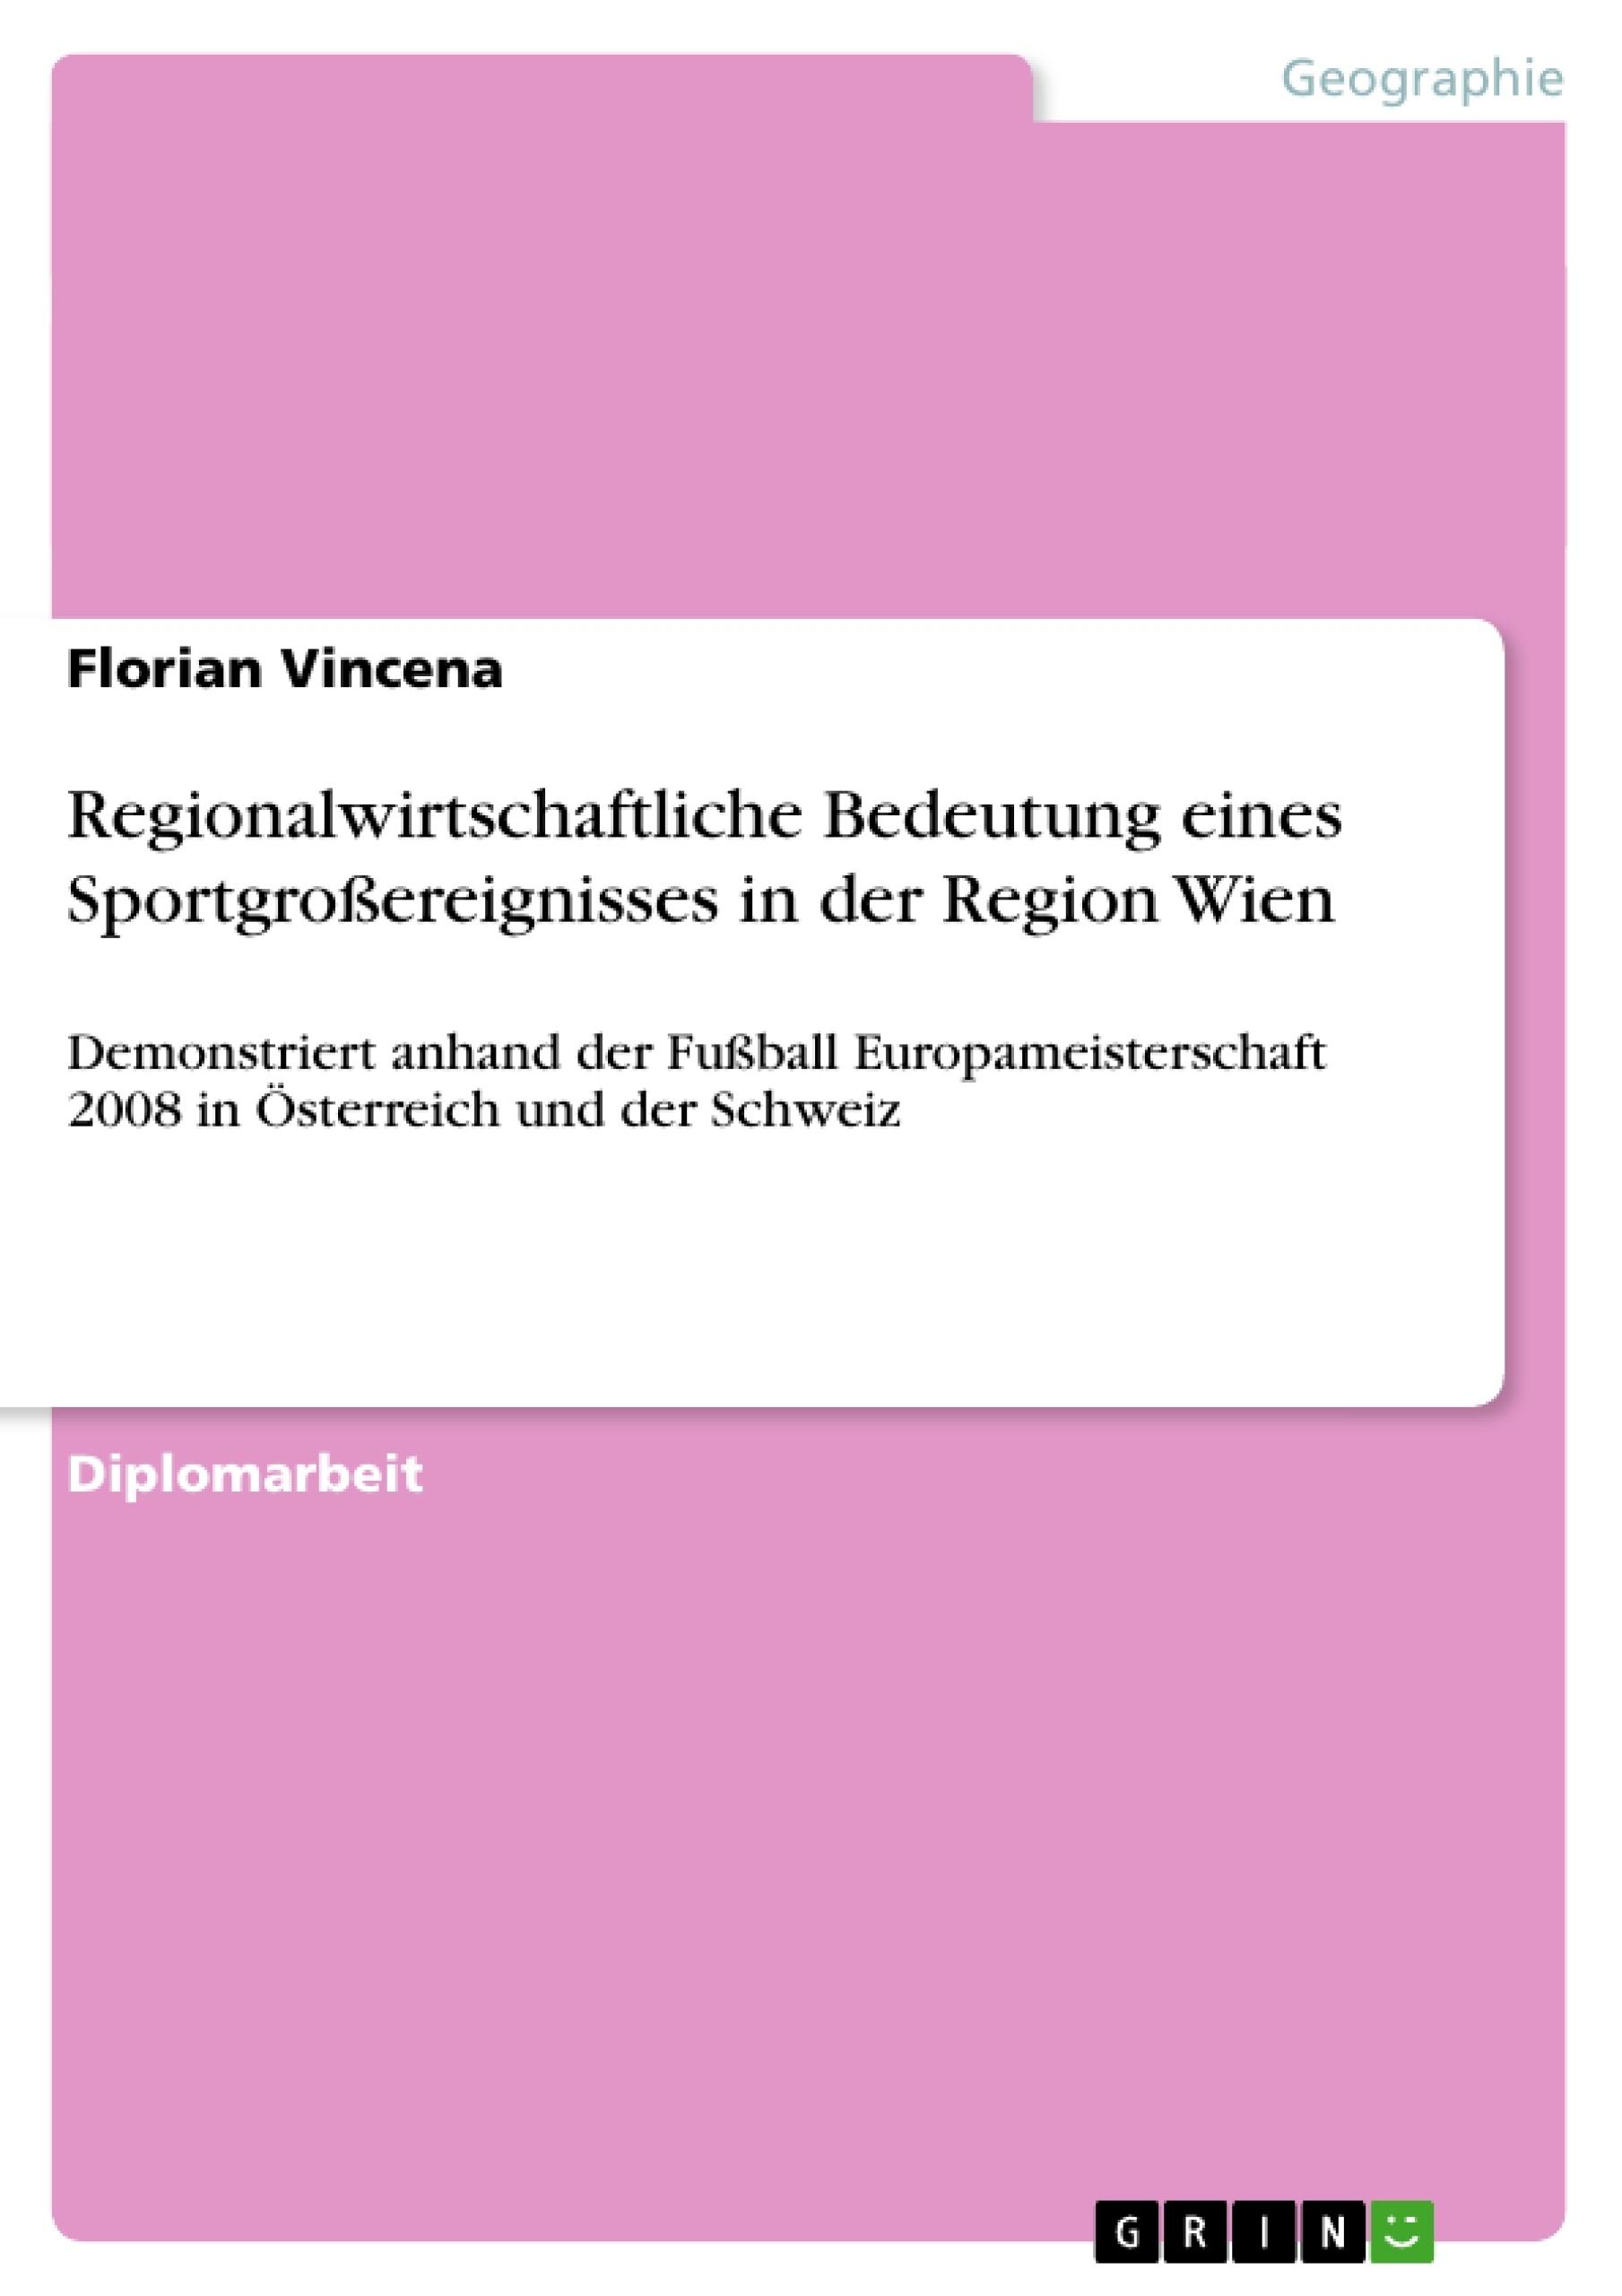 Titel: Regionalwirtschaftliche Bedeutung eines Sportgroßereignisses in der Region Wien